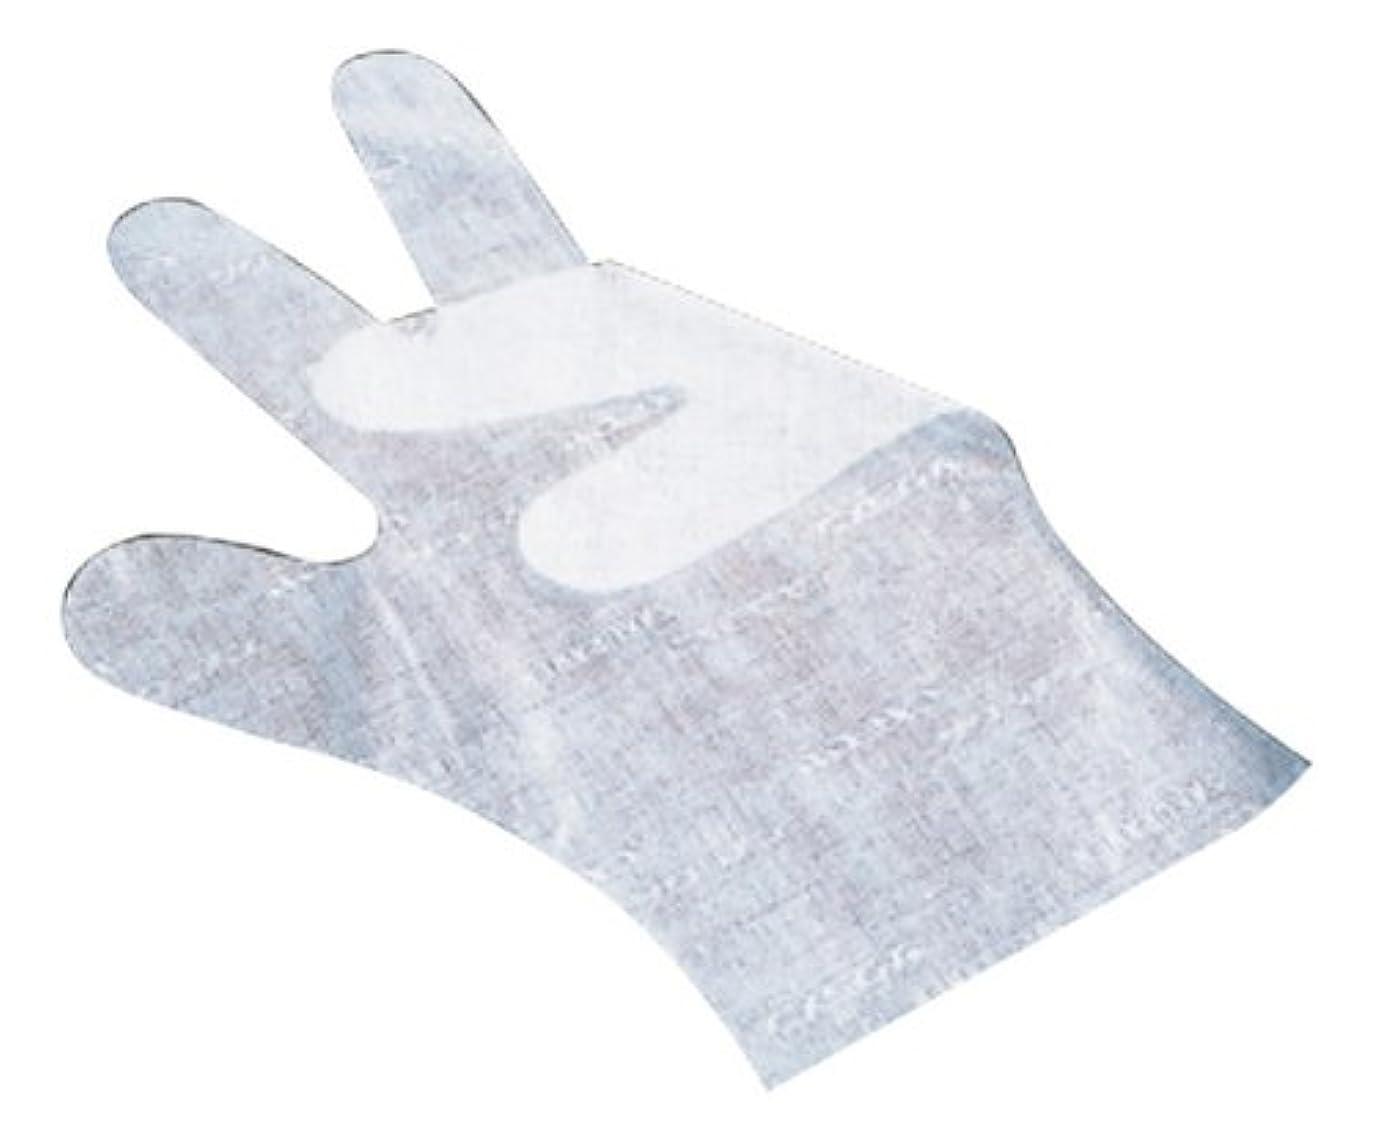 予測子蒸発農業サクラメン手袋 デラックス(100枚入)S ホワイト 35μ